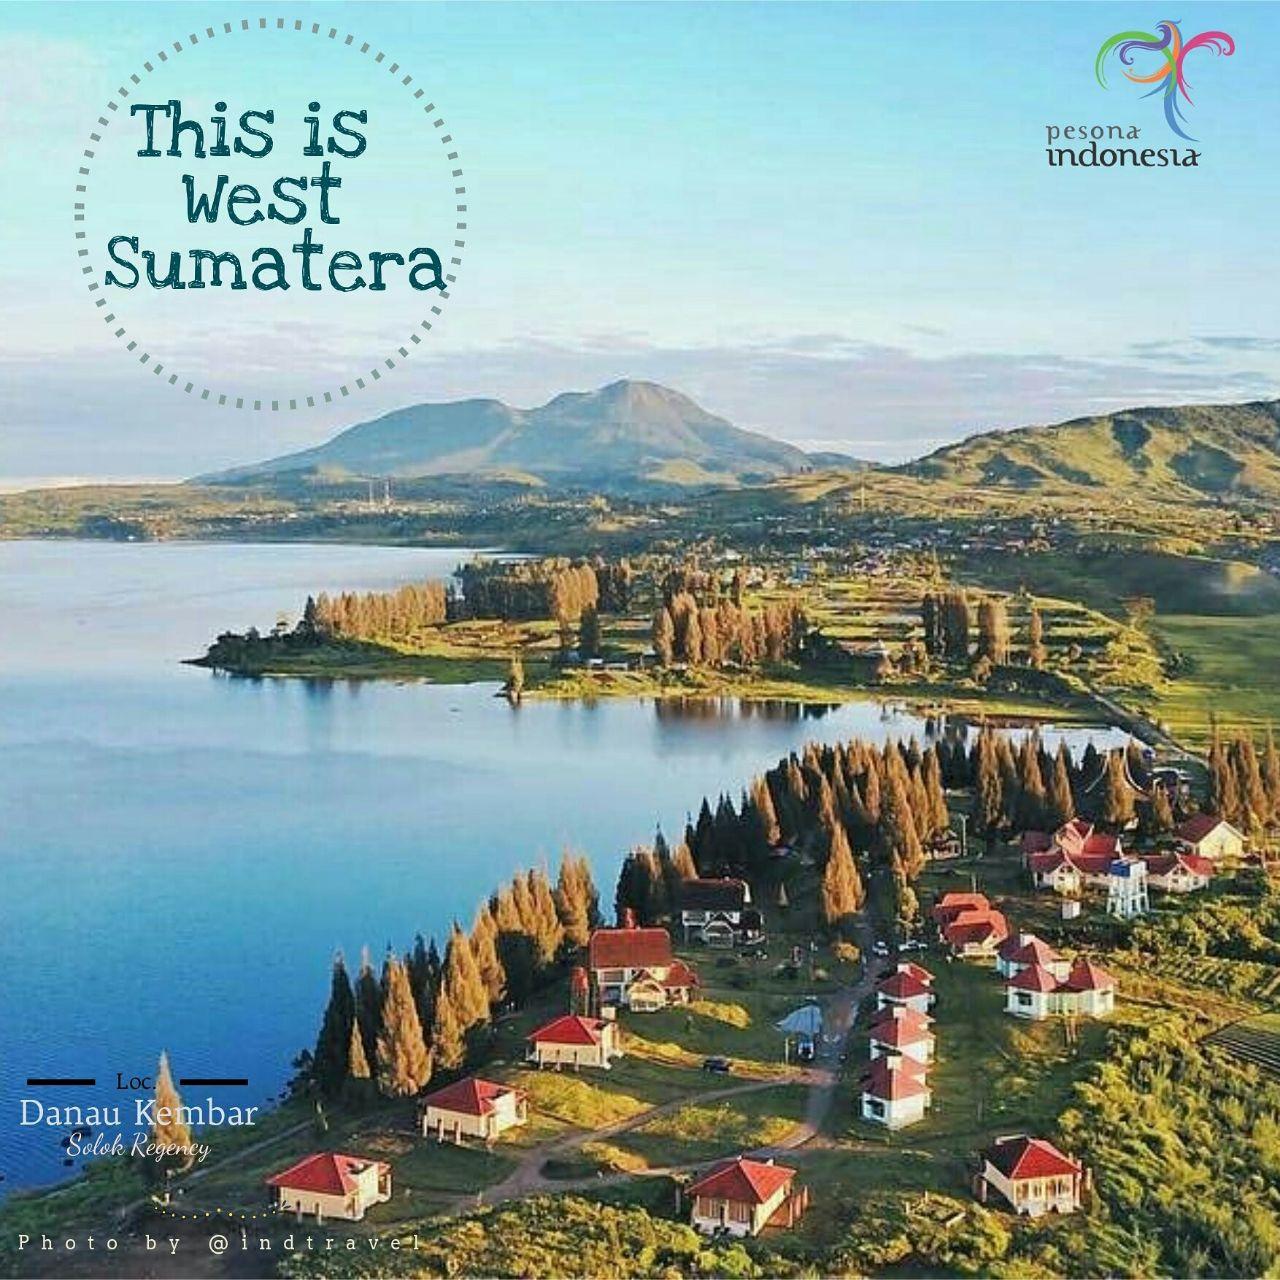 Inilah Tempat Tempat Wisata Favorit Di Sumatera Barat Yang Bisa